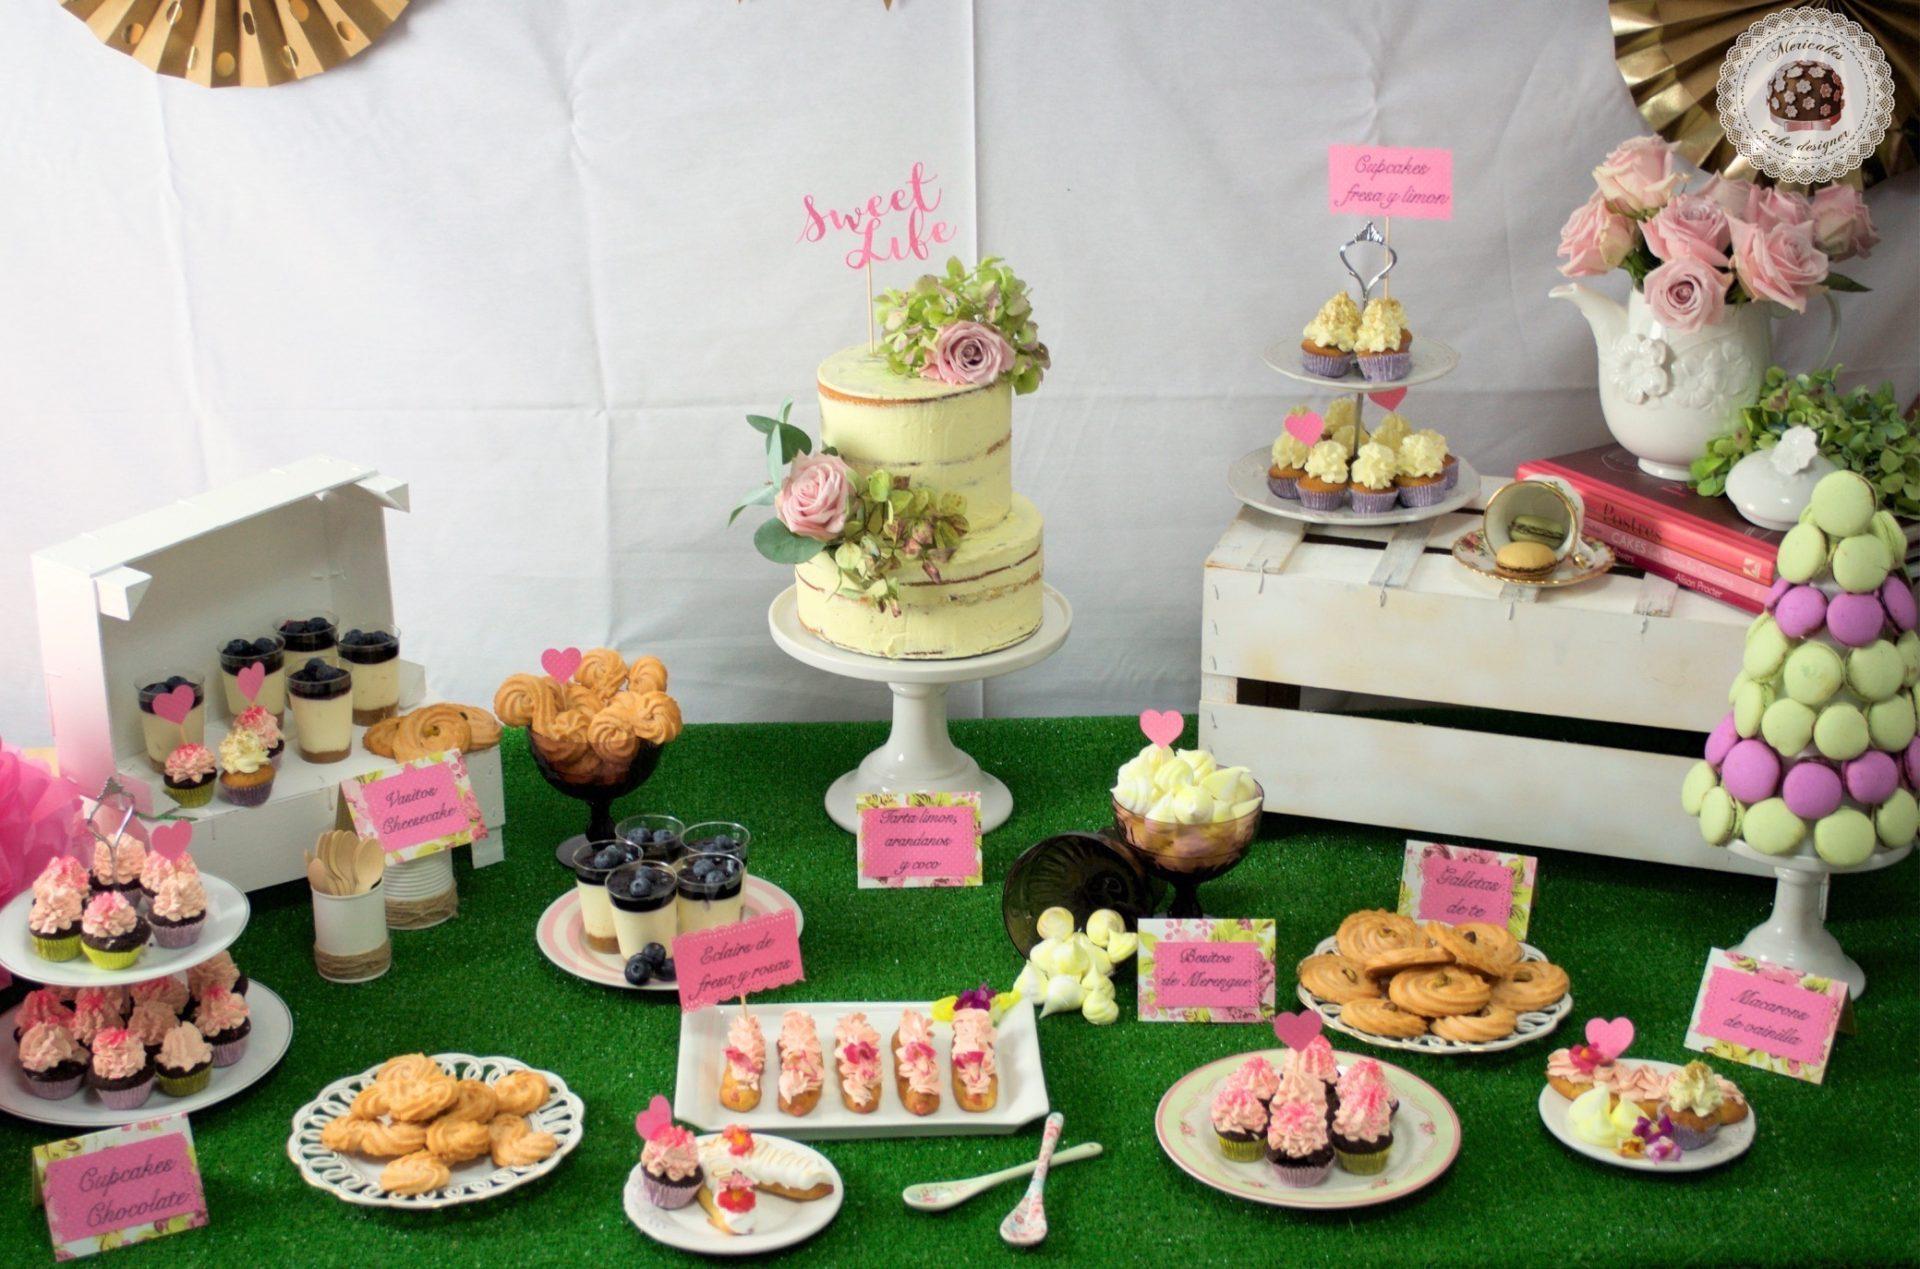 master-class-diseno-y-creacion-de-mesas-dulces-mesas-dulces-barcelona-mericakes-reposteria-creativa-dessert-table-curso-pasteleria-master-class-sweet-table-22